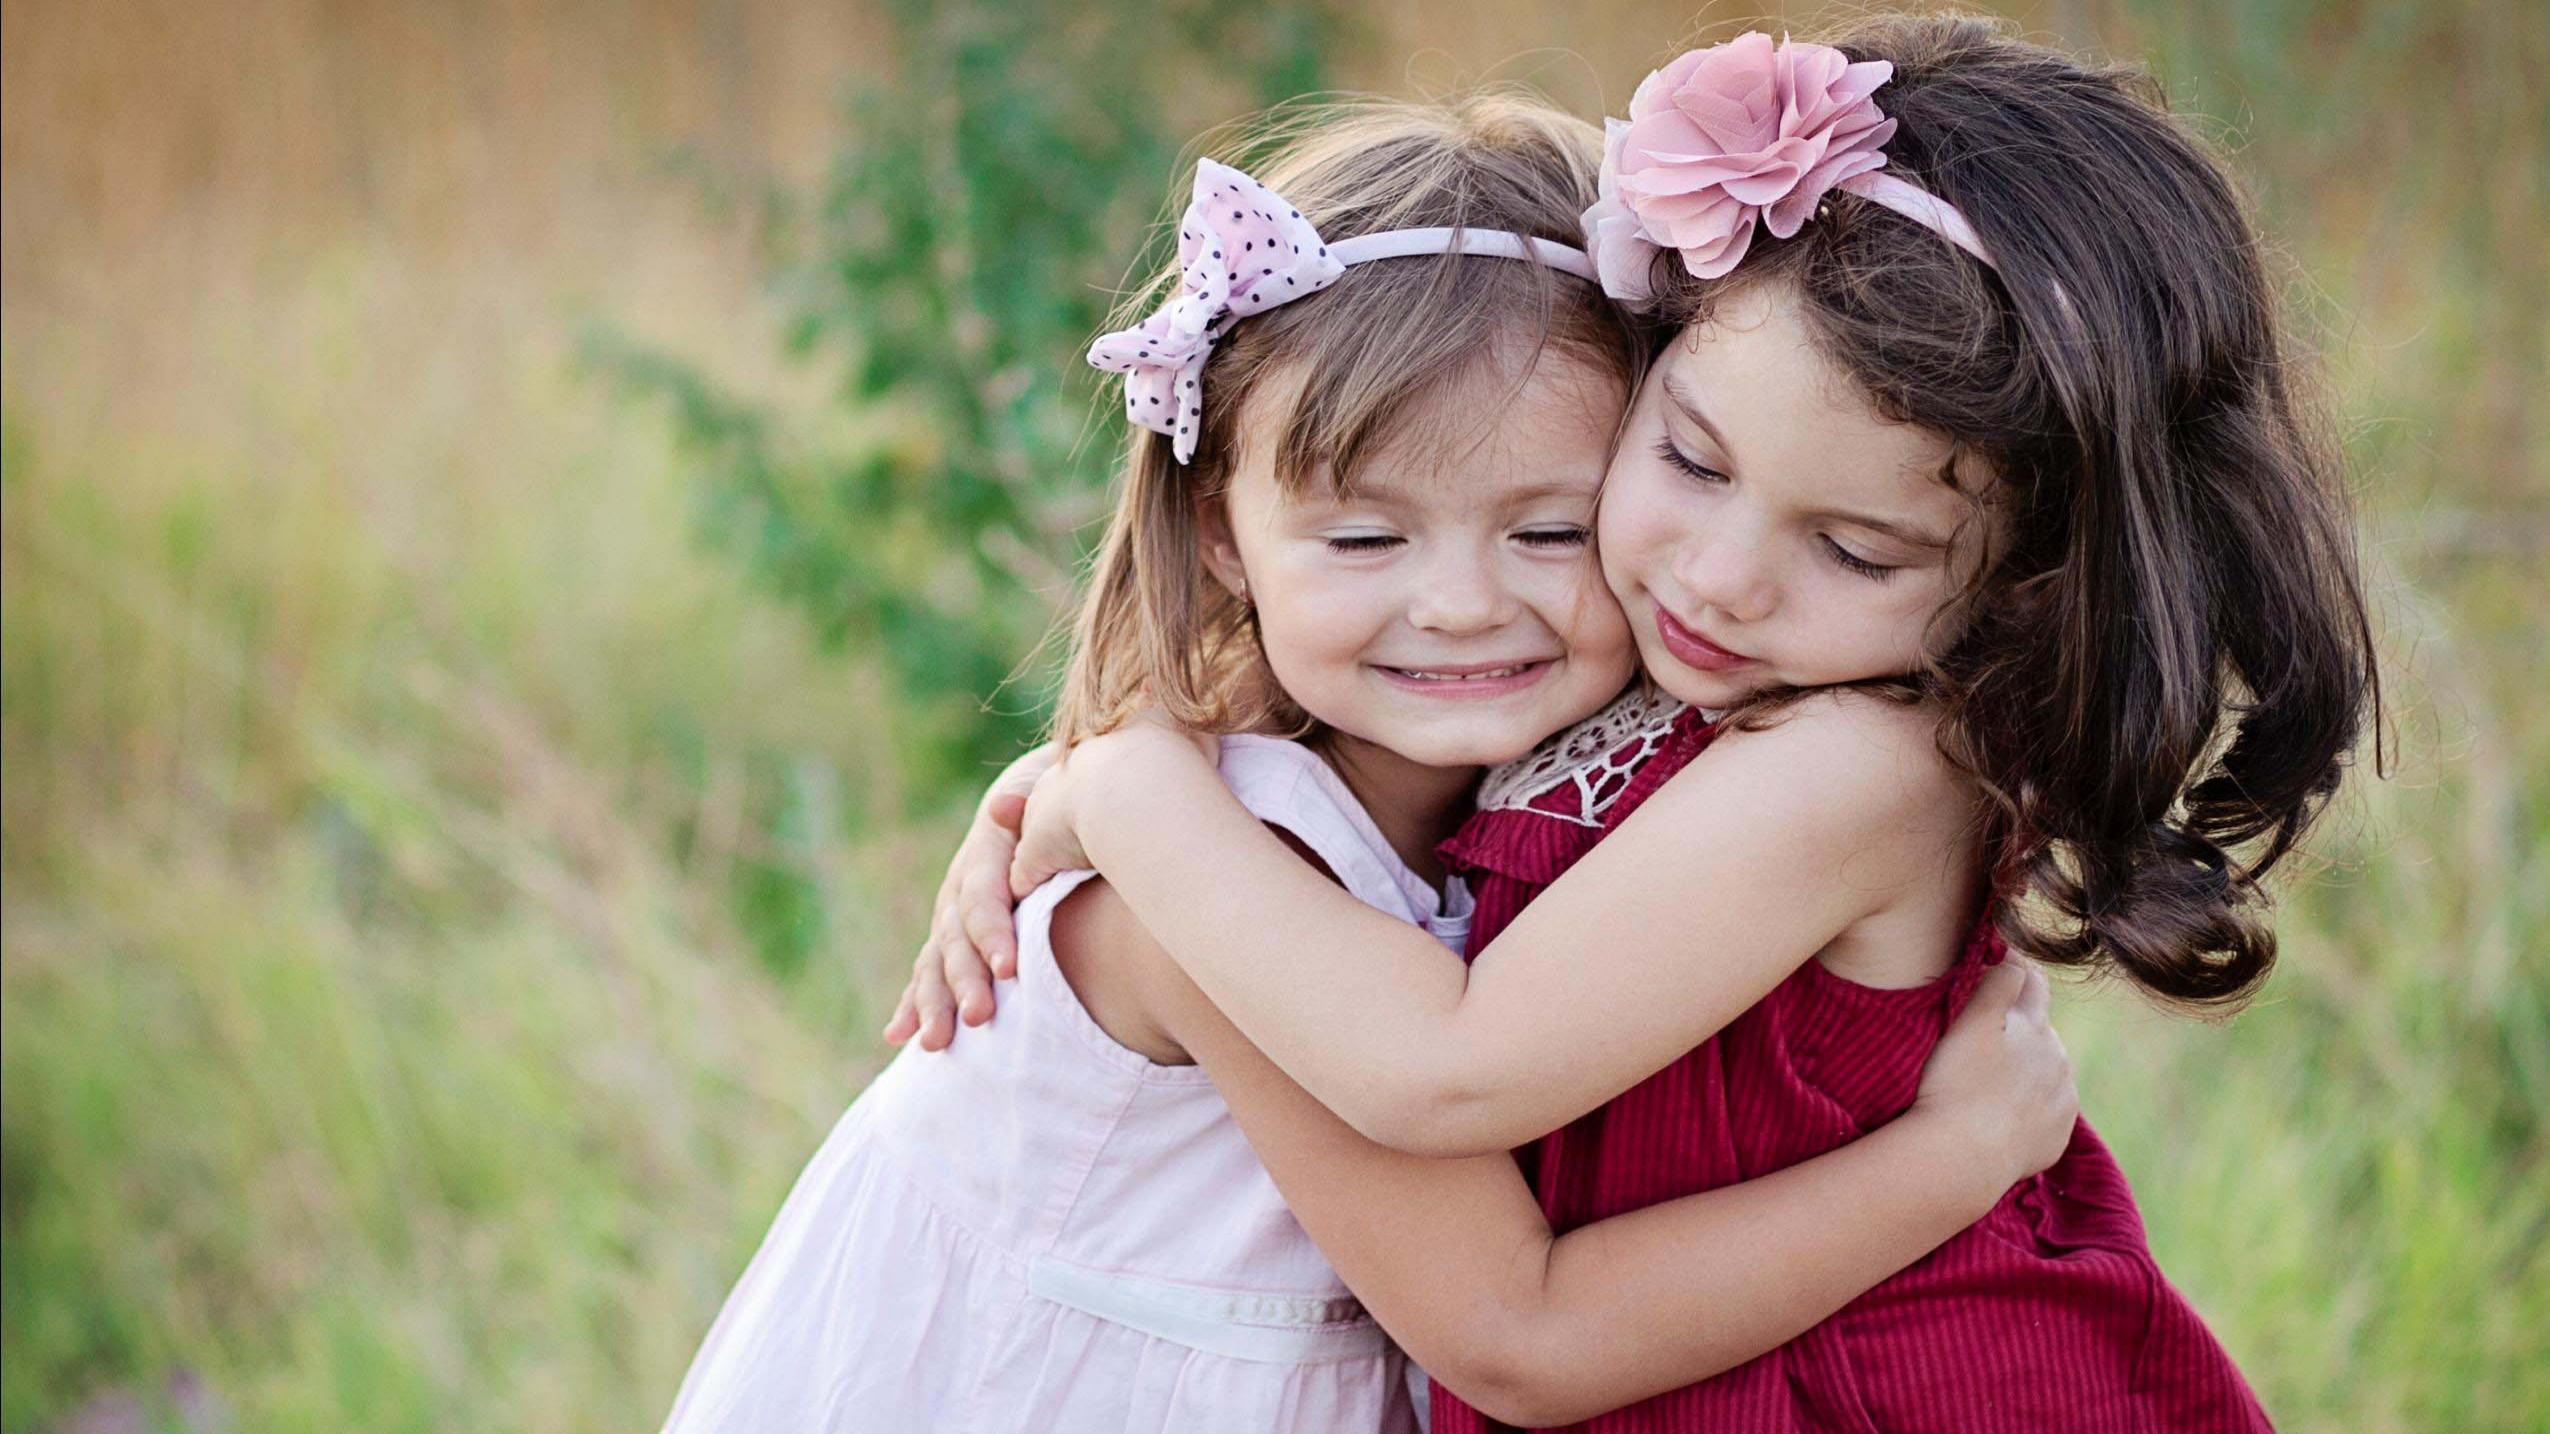 متن تبریک تولد خواهر ؛ پیام تولدت مبارک خواهرم زیبا و ادبی